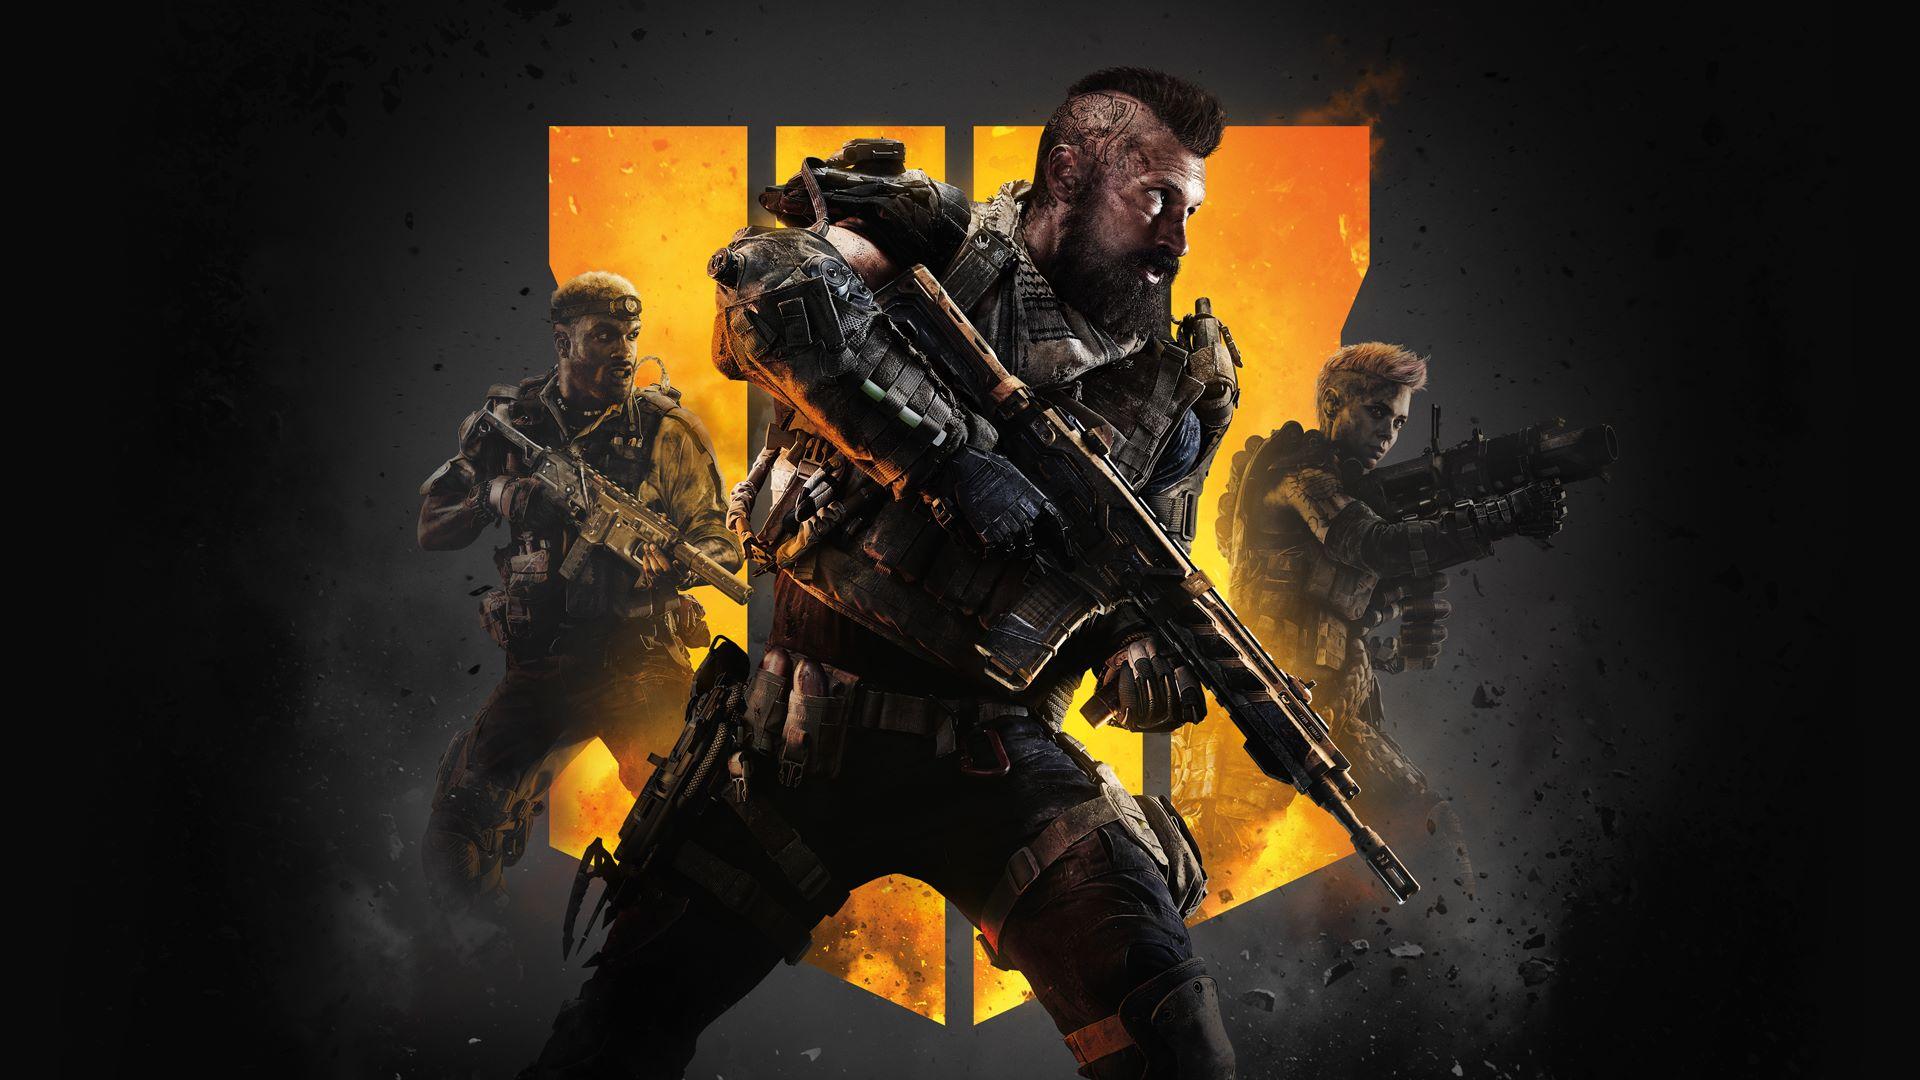 ASUS ROG Bagikan Game Call of Duty: Black Ops 4